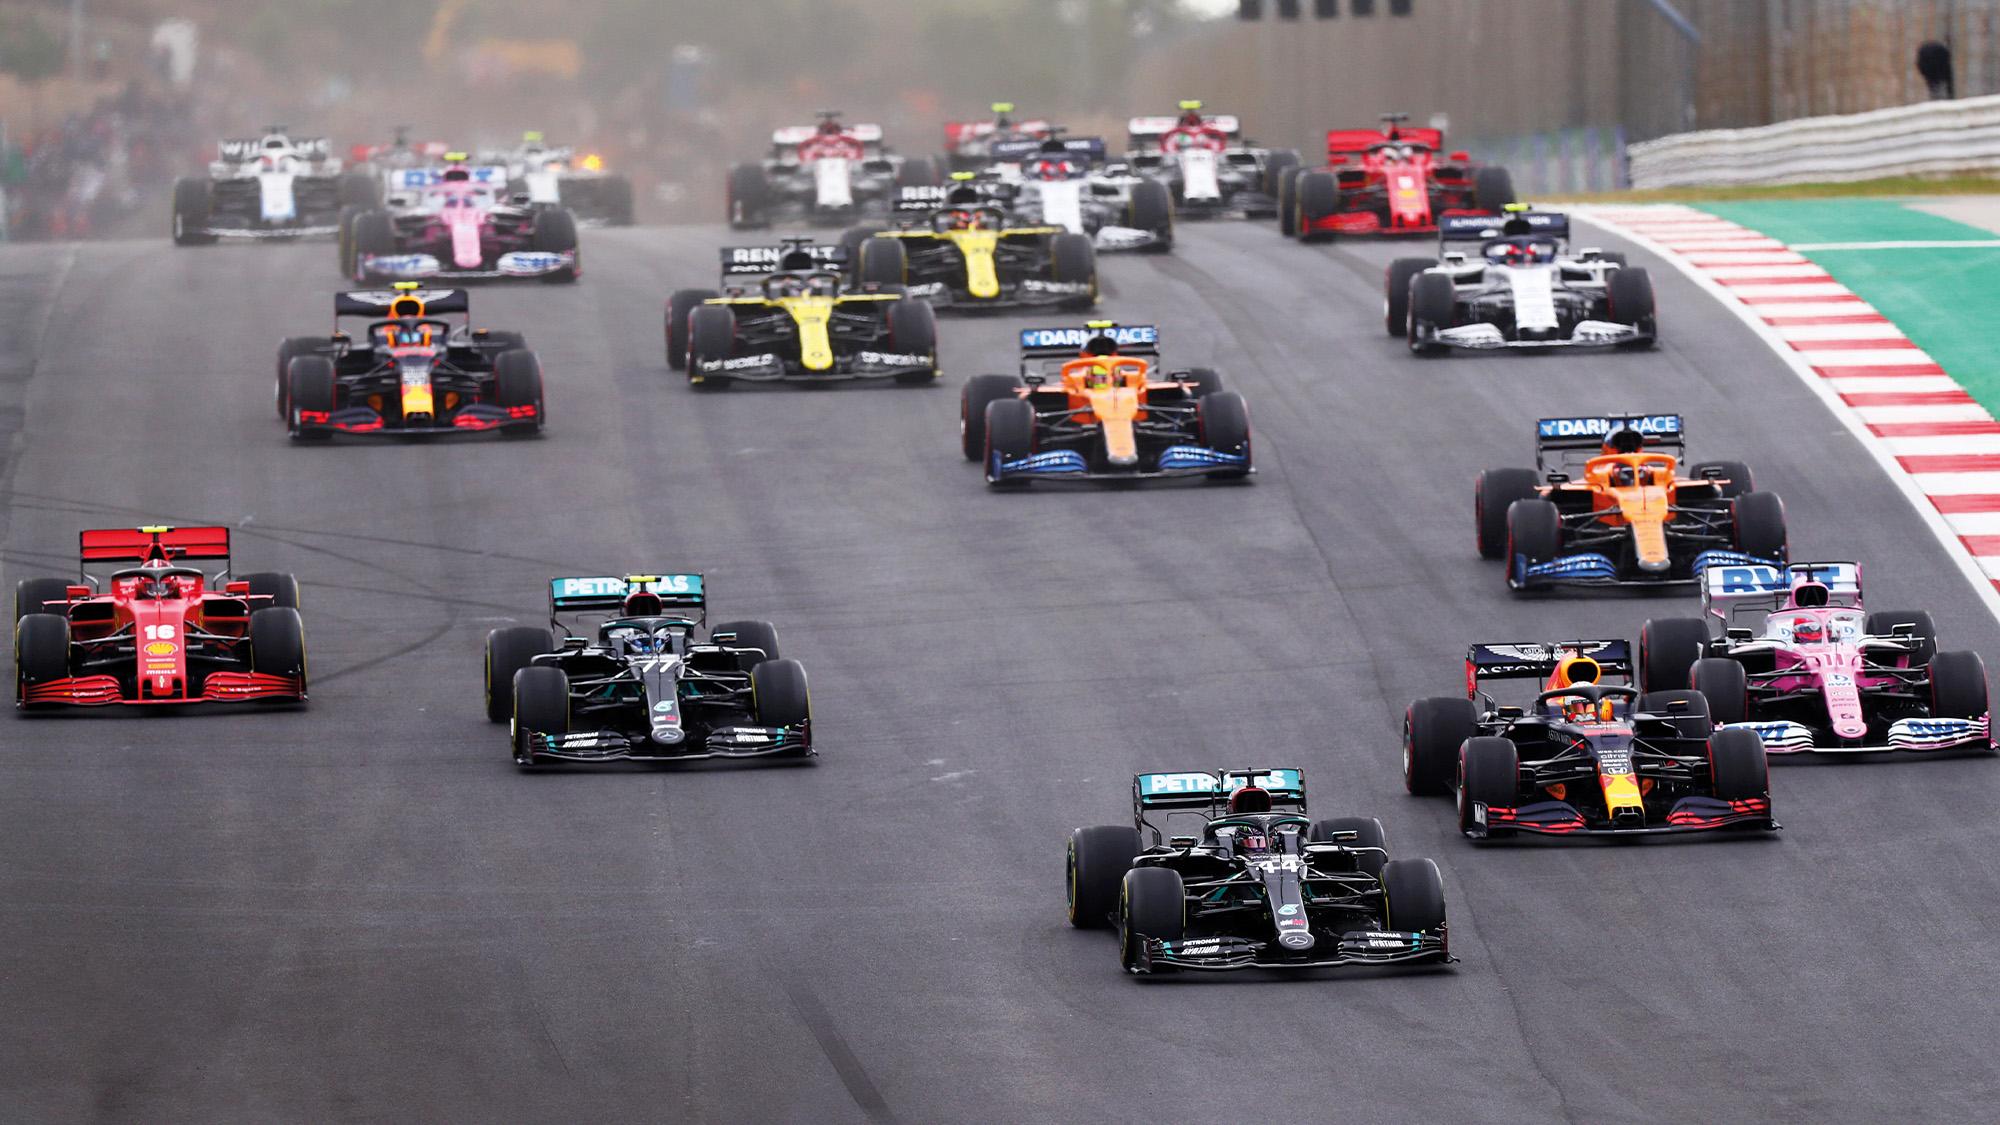 Start of the 2020 Portuguese Grand Prix at Portimao